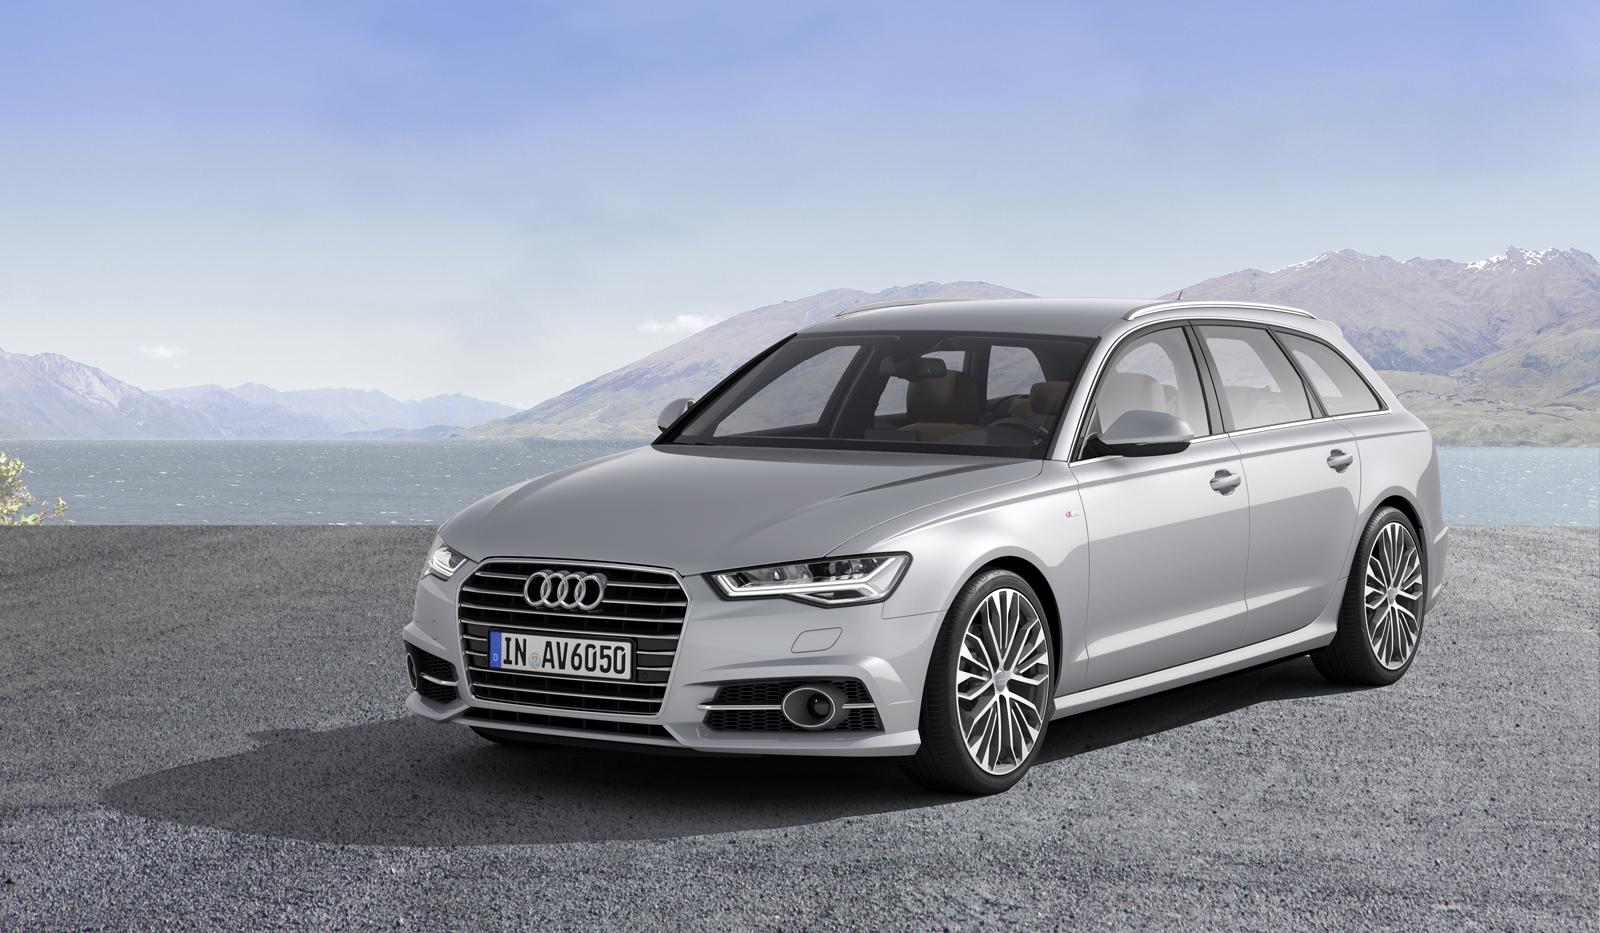 Универсал Audi A6 Avant рестайлинг